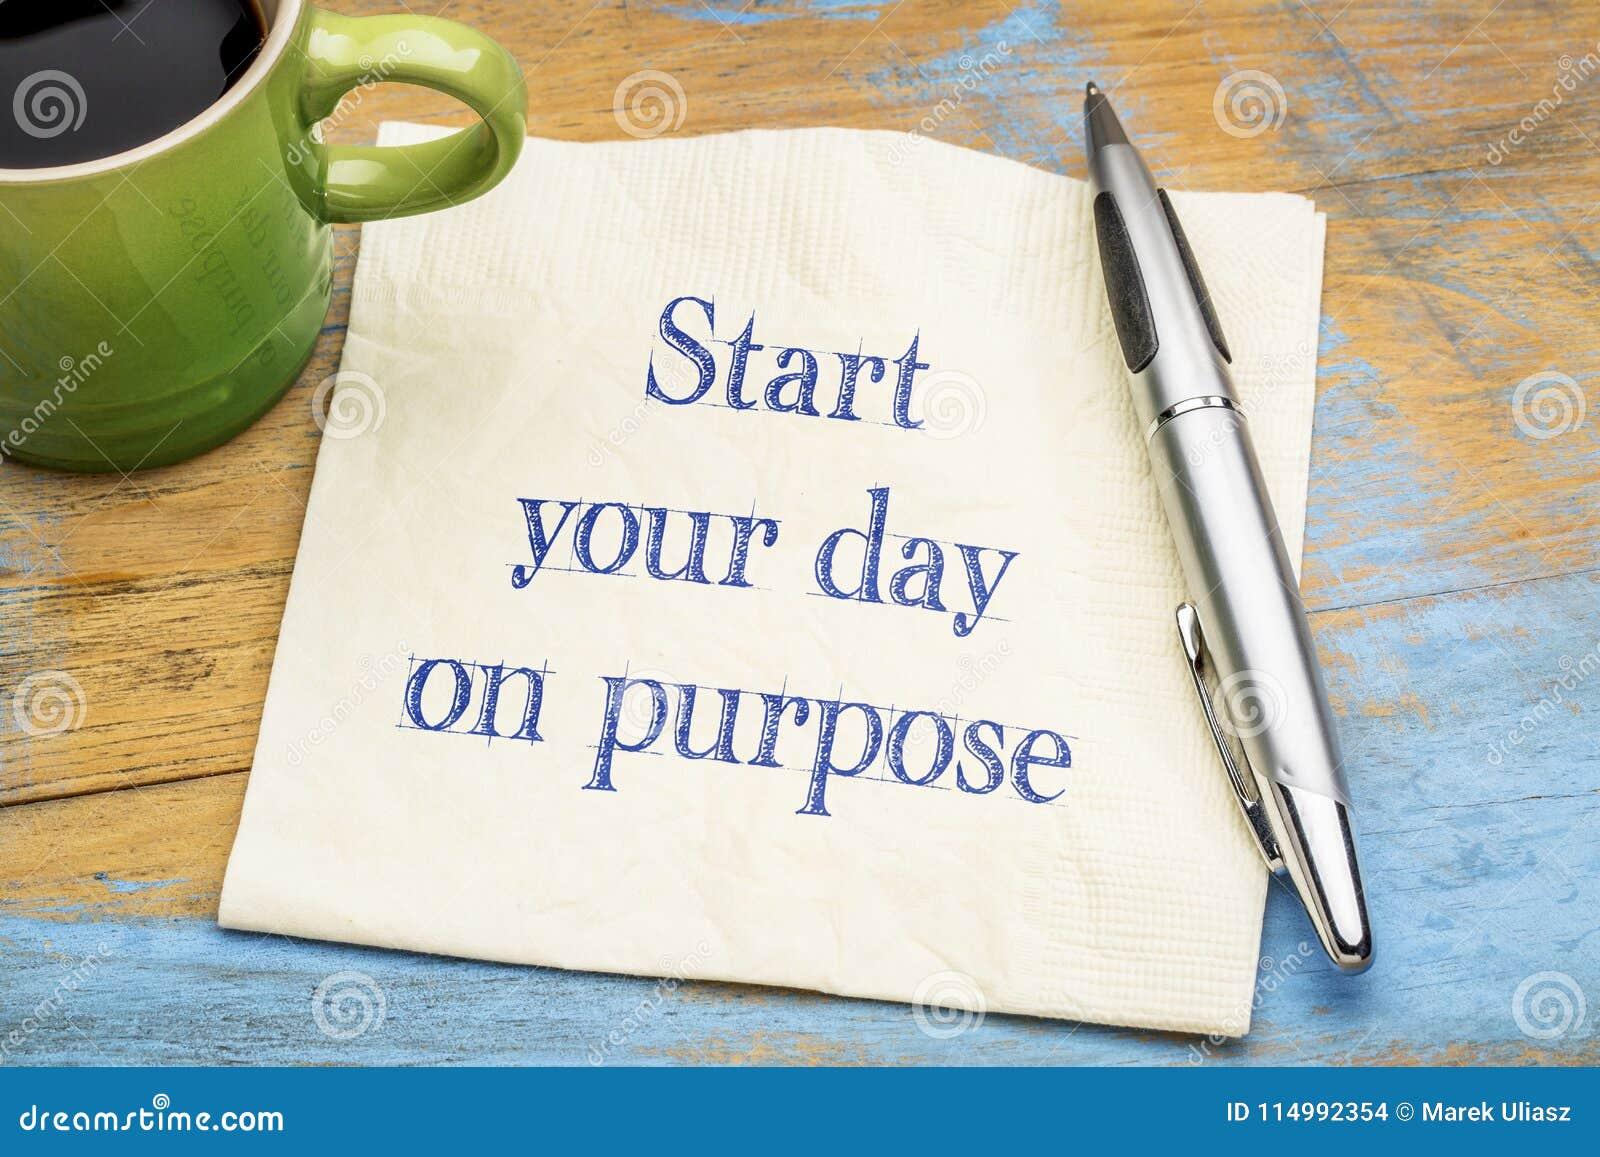 Αρχίστε την ημέρα σας επίτηδες